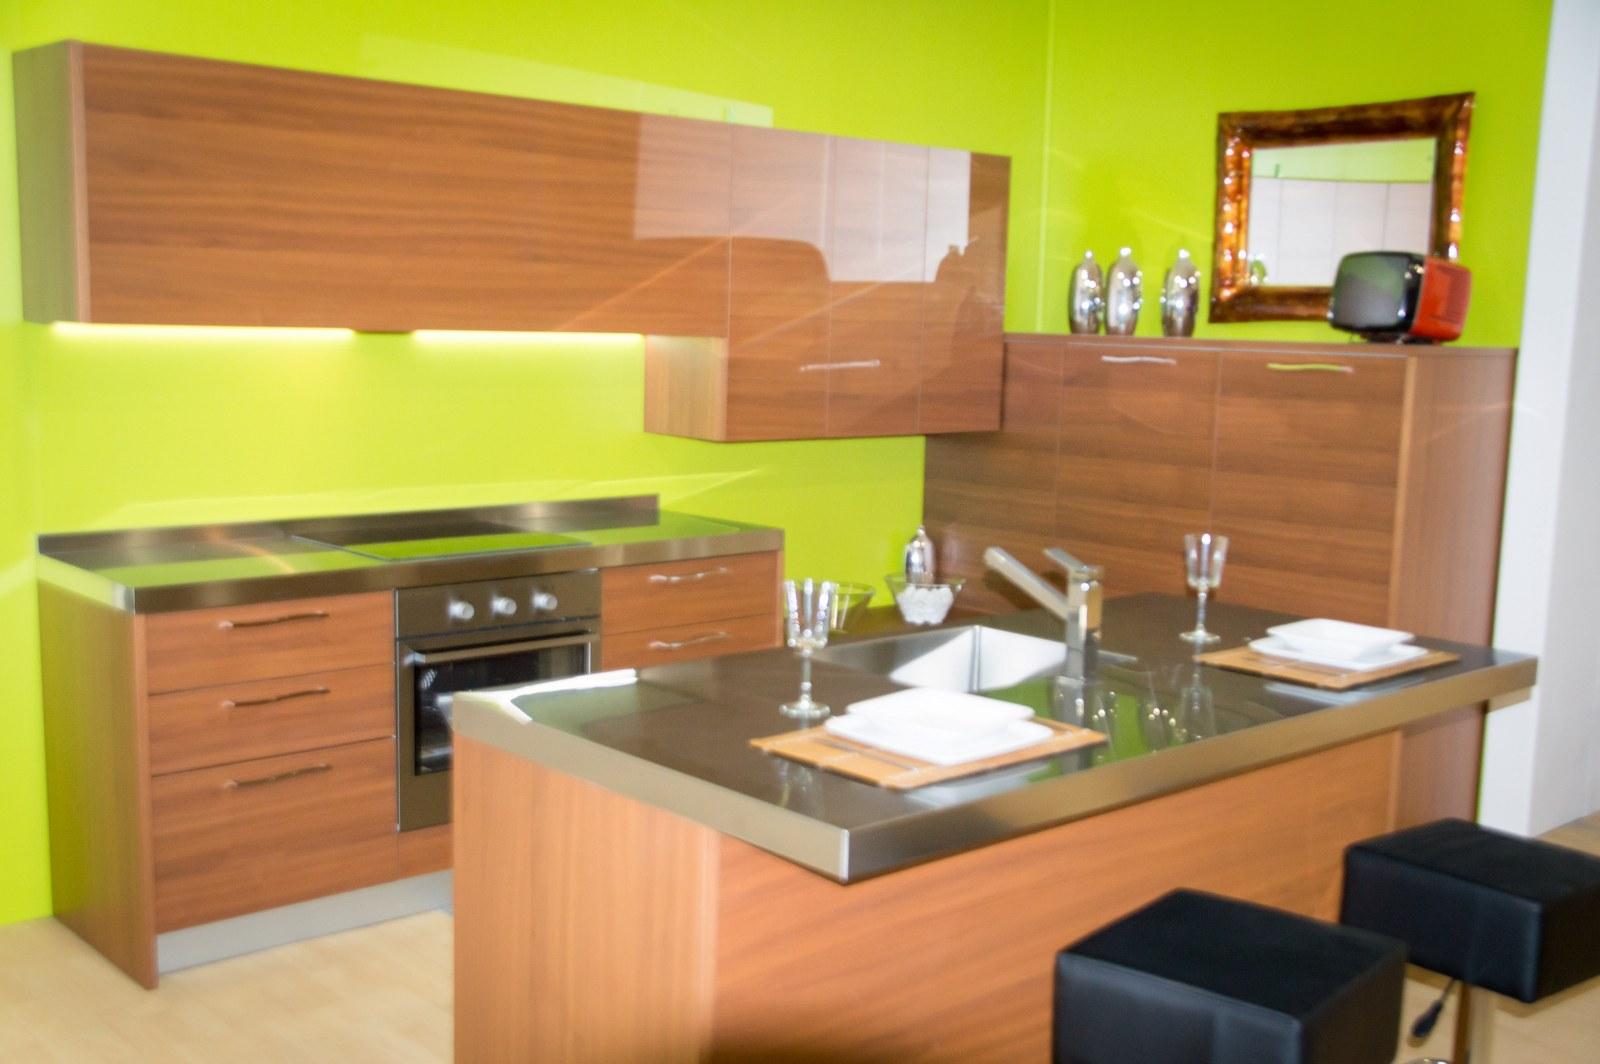 Line canaletto furleo cucine - Cucine fine esposizione ...